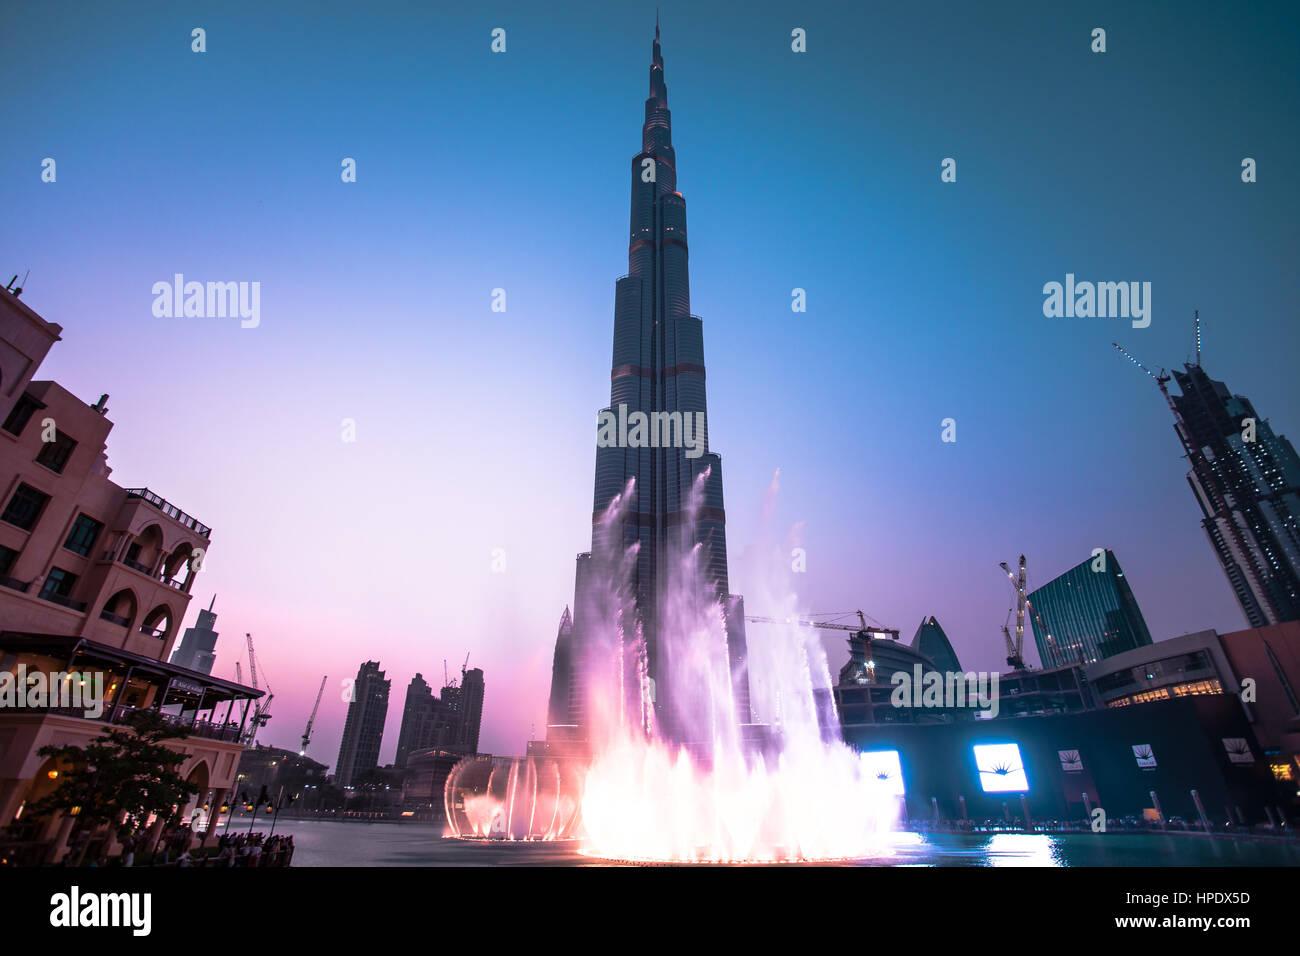 Il Fantastico Burj Khalifa grattacielo Immagini Stock